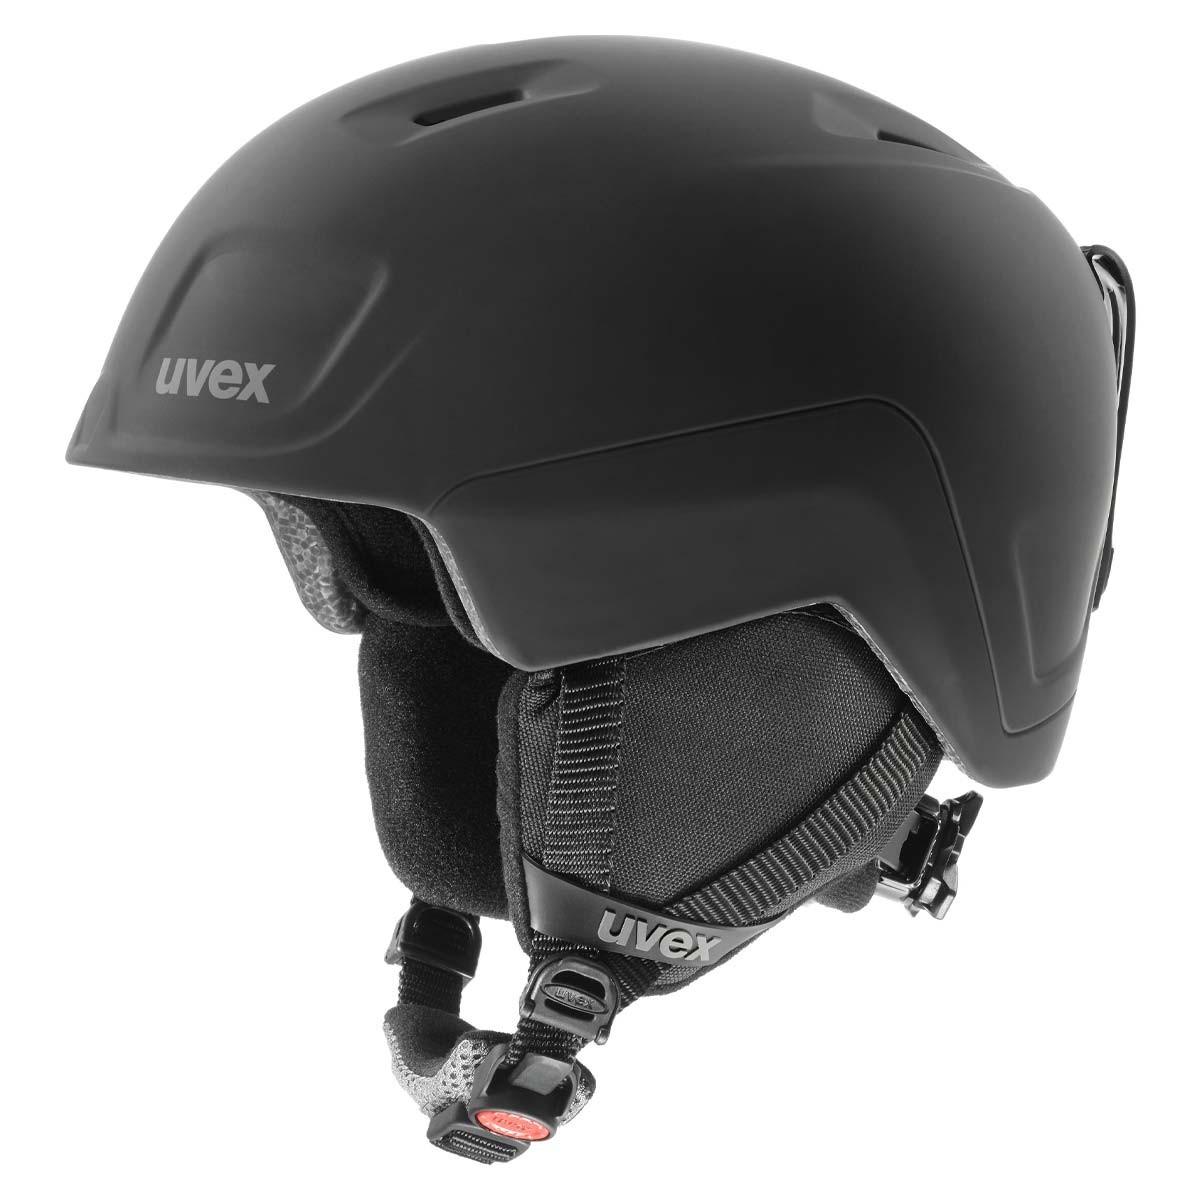 Casco sci Uvex Heyya Pro da bambino con maschera Uvex Flizz (Colore: nero mat, Taglia: 54/58)